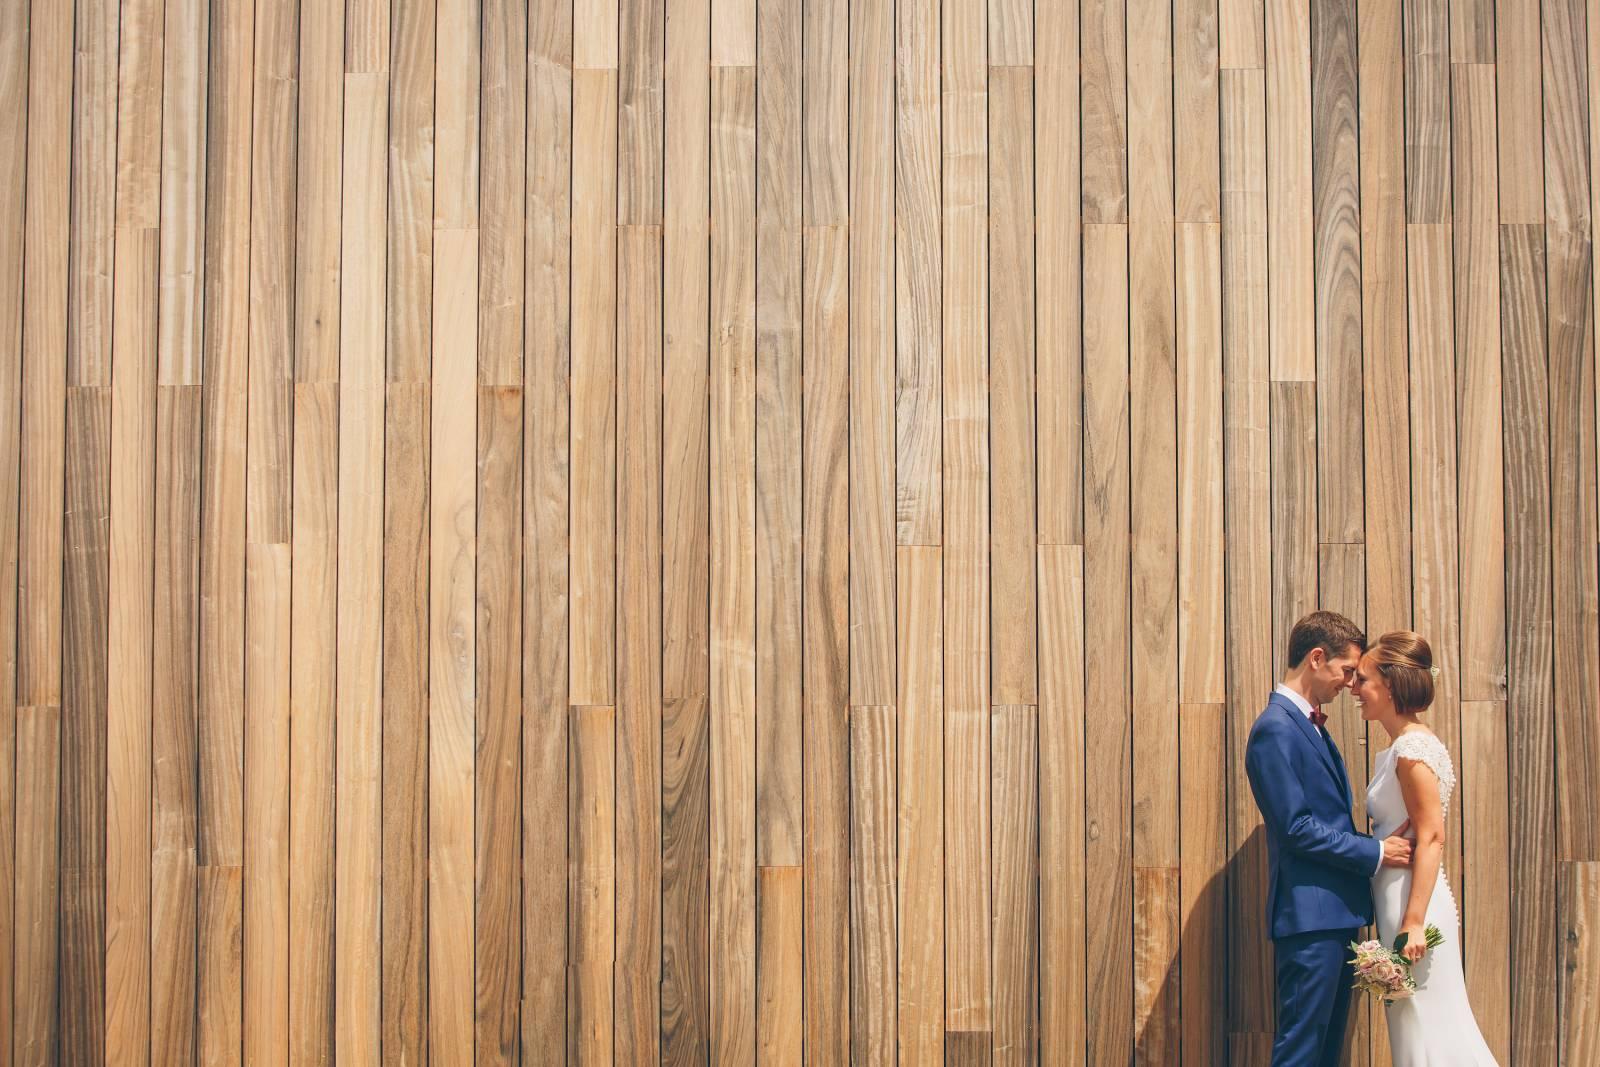 Atelier Rosé - Wedding Planner - House of Weddings Ellen & Bert - Lux Visual Storytellers (3)